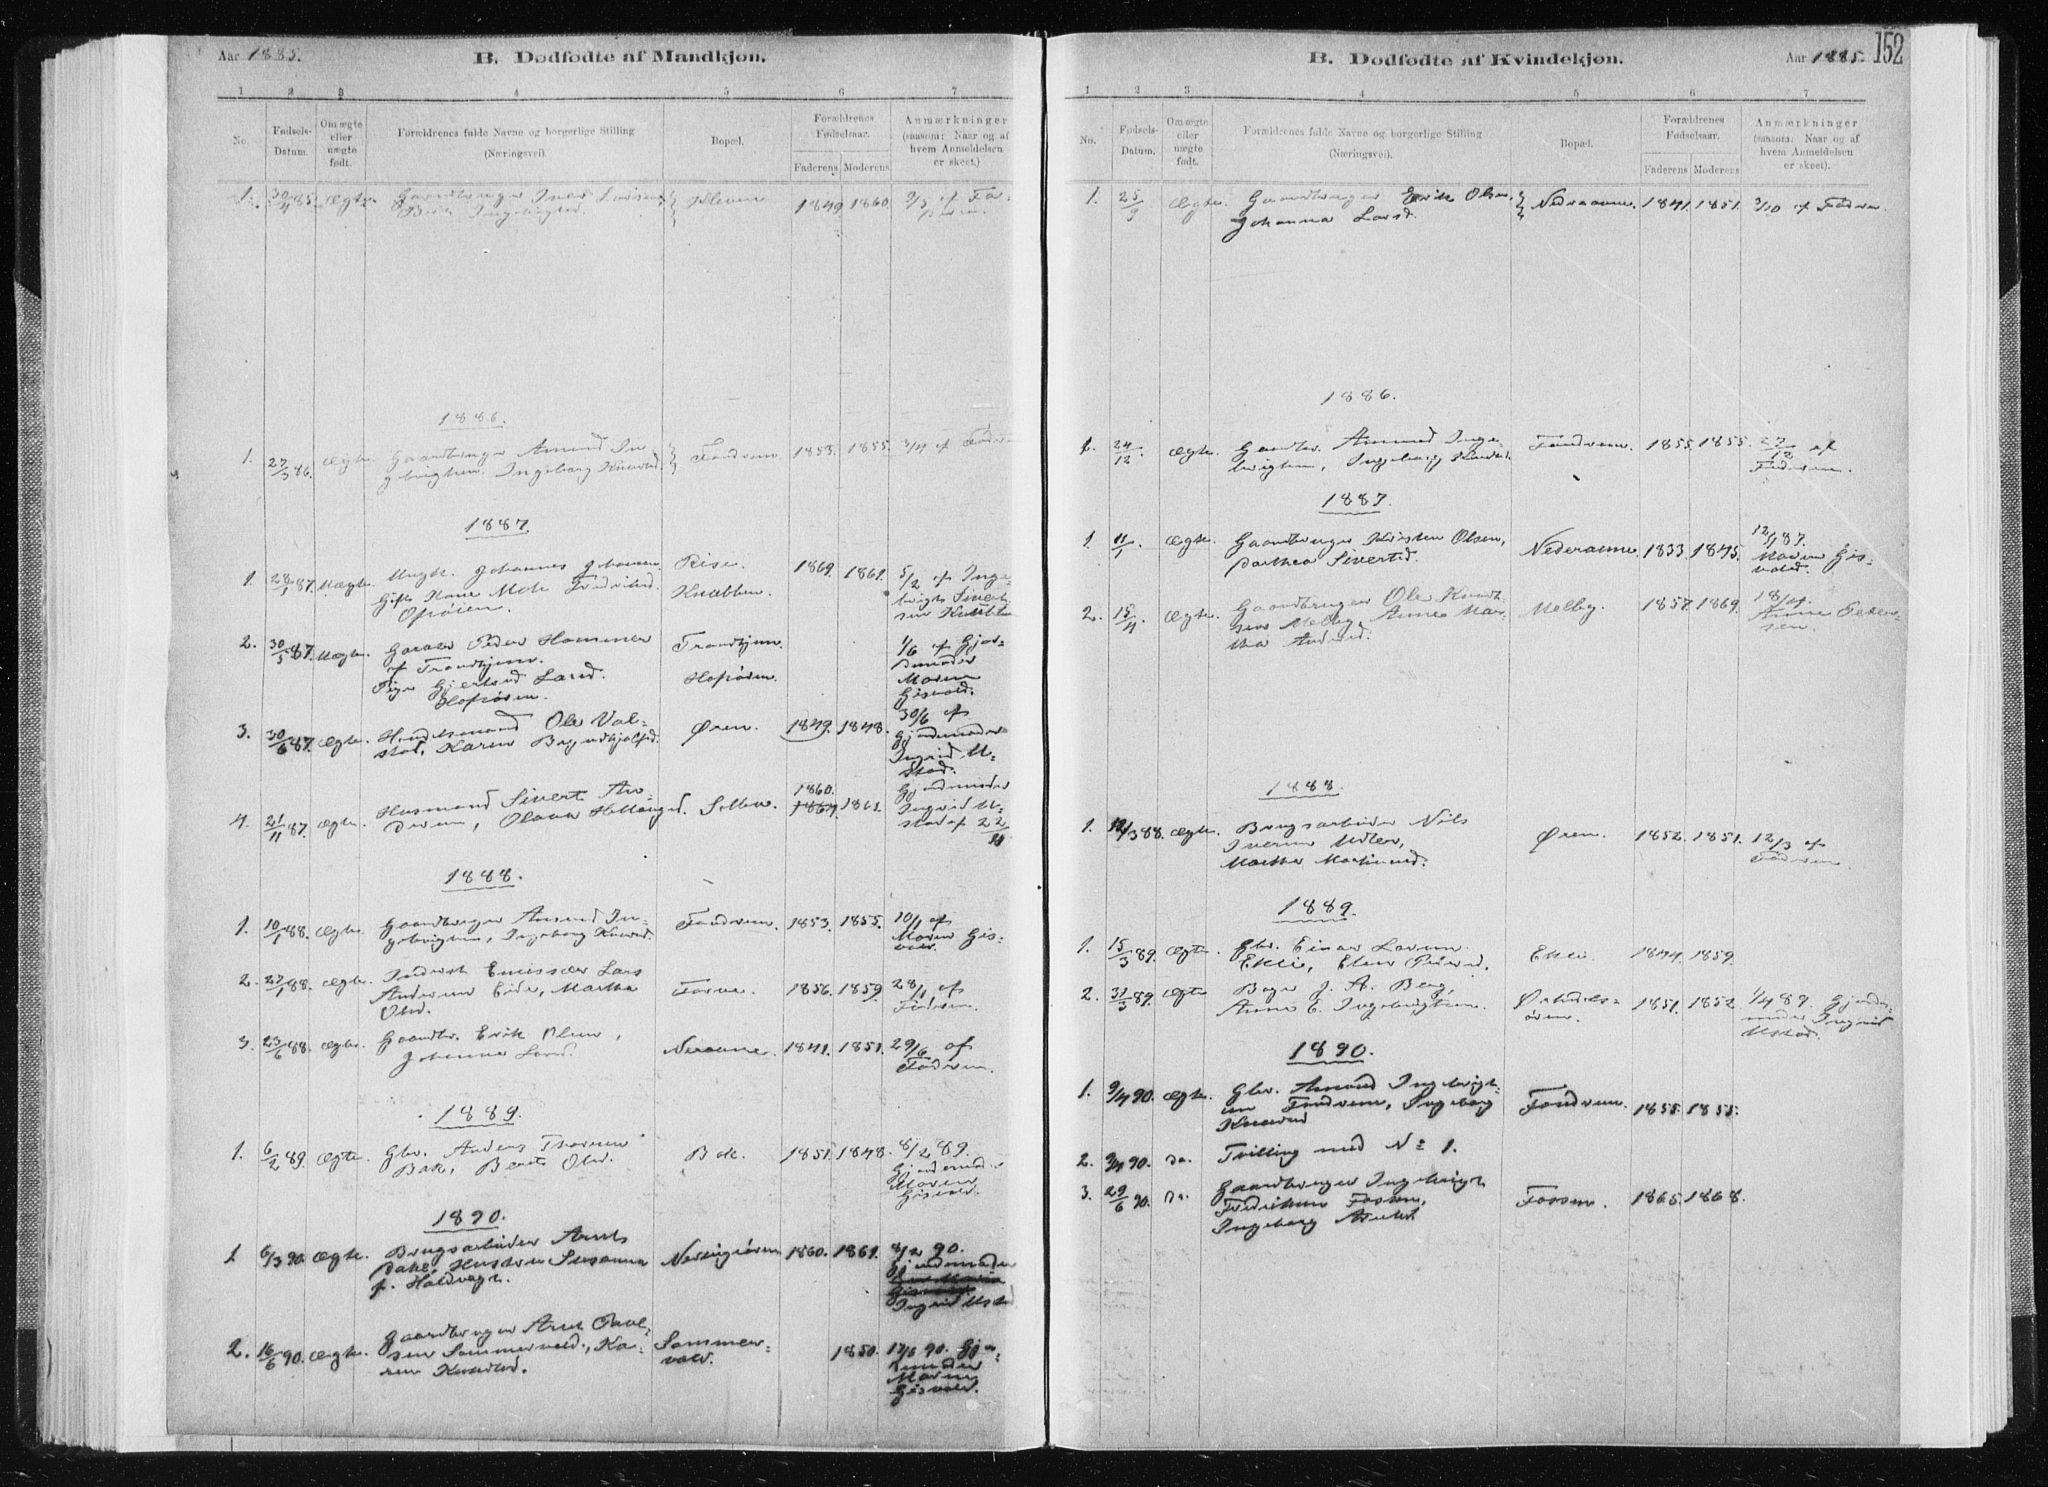 SAT, Ministerialprotokoller, klokkerbøker og fødselsregistre - Sør-Trøndelag, 668/L0818: Klokkerbok nr. 668C07, 1885-1898, s. 152